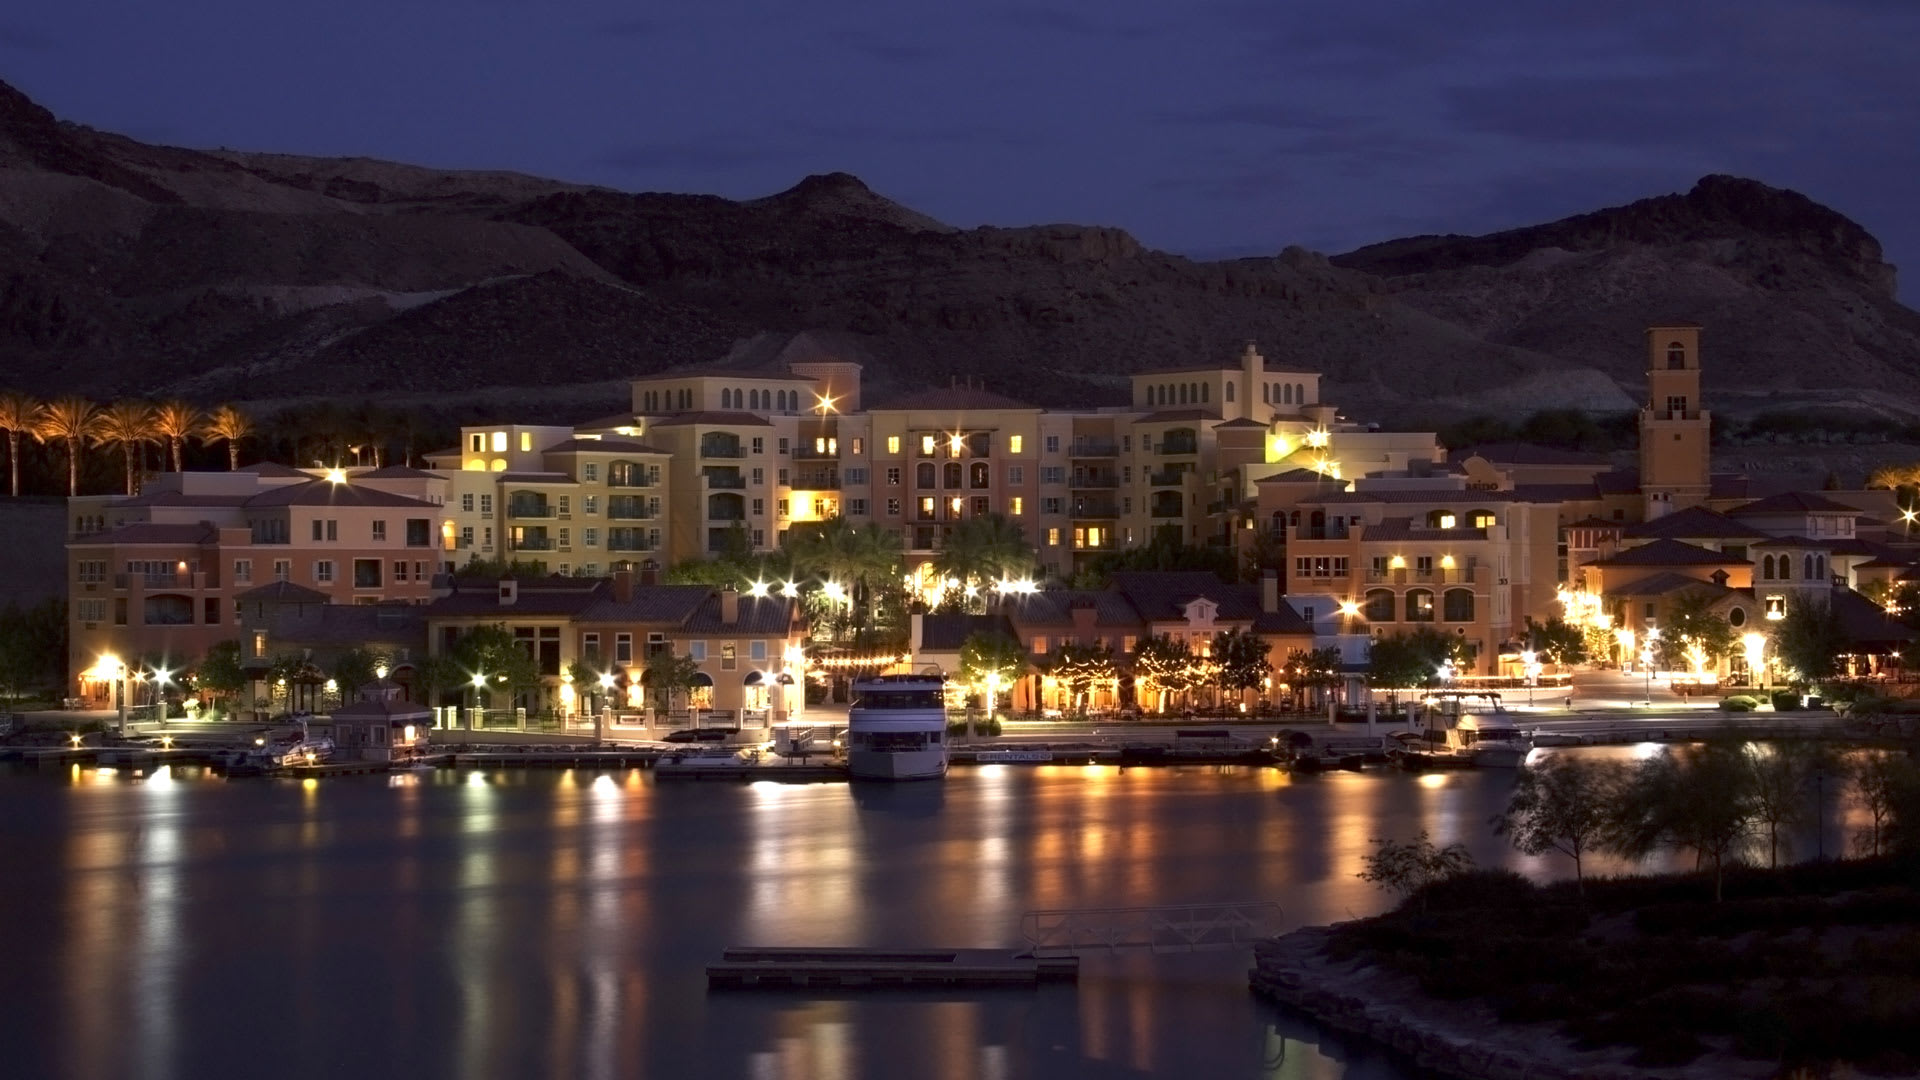 Montelago Village at night- pure magic!